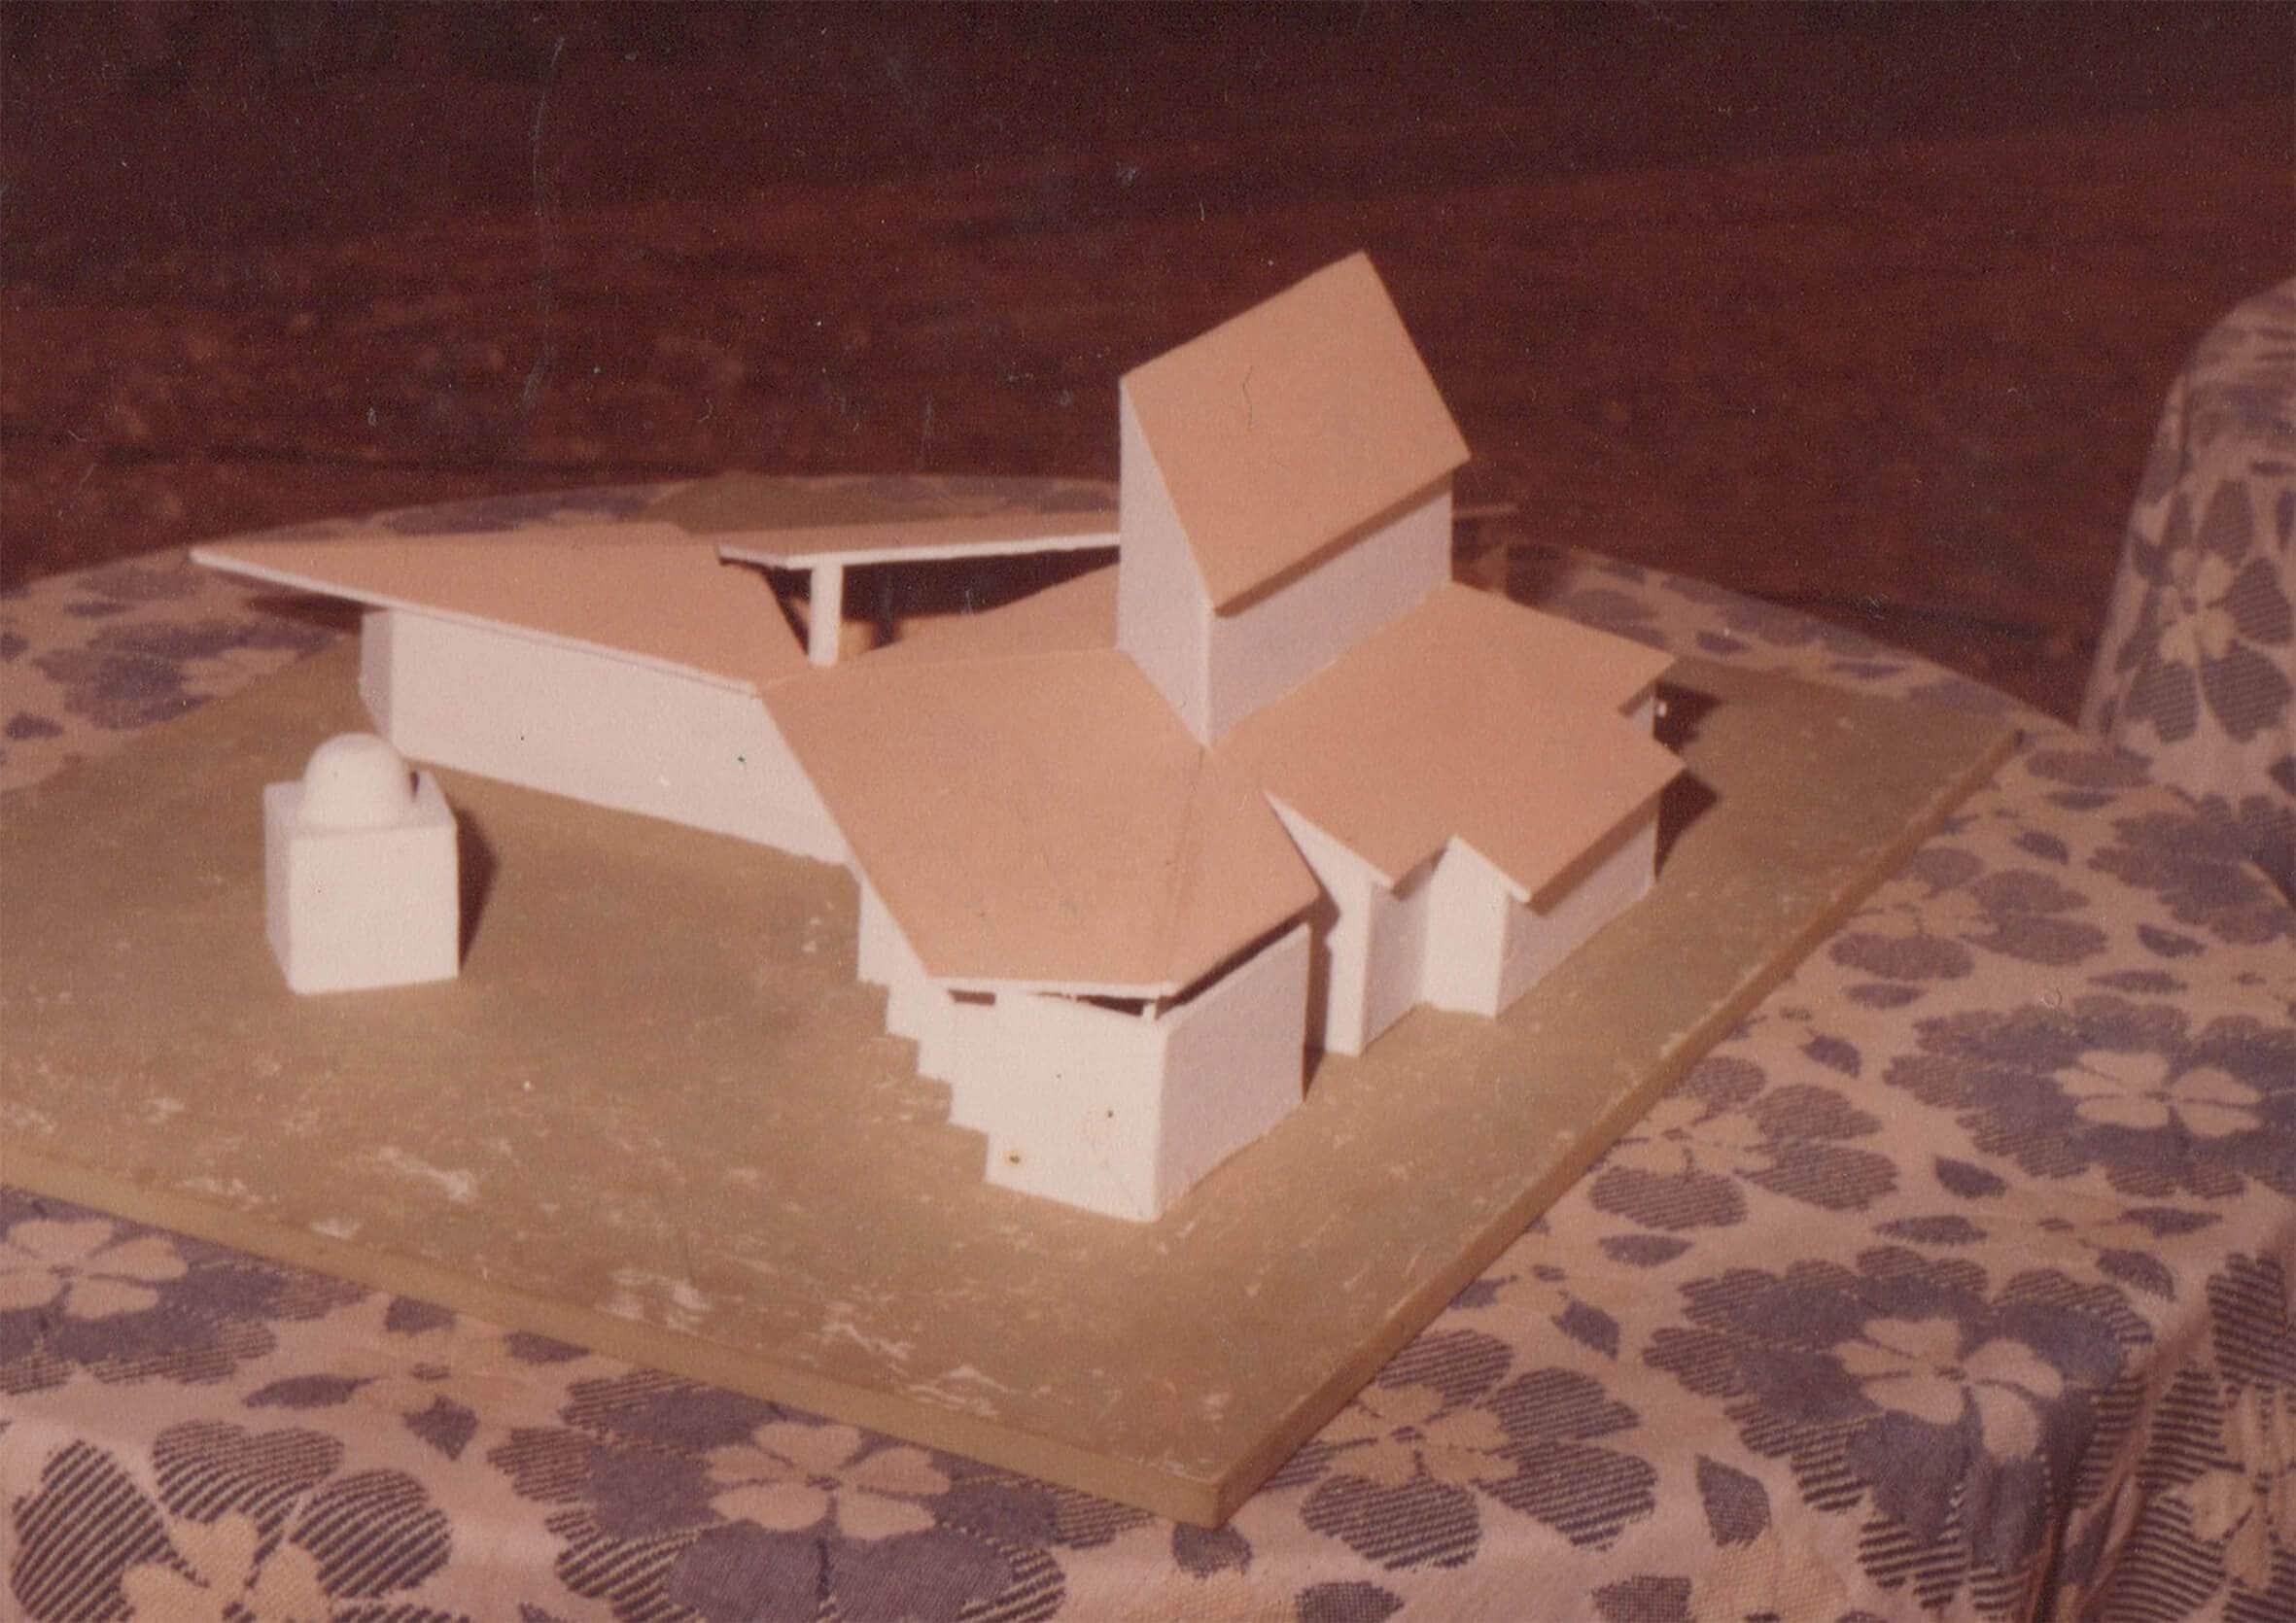 historia-maqueta-1o-projecto-arq-joao-cordovil-copia